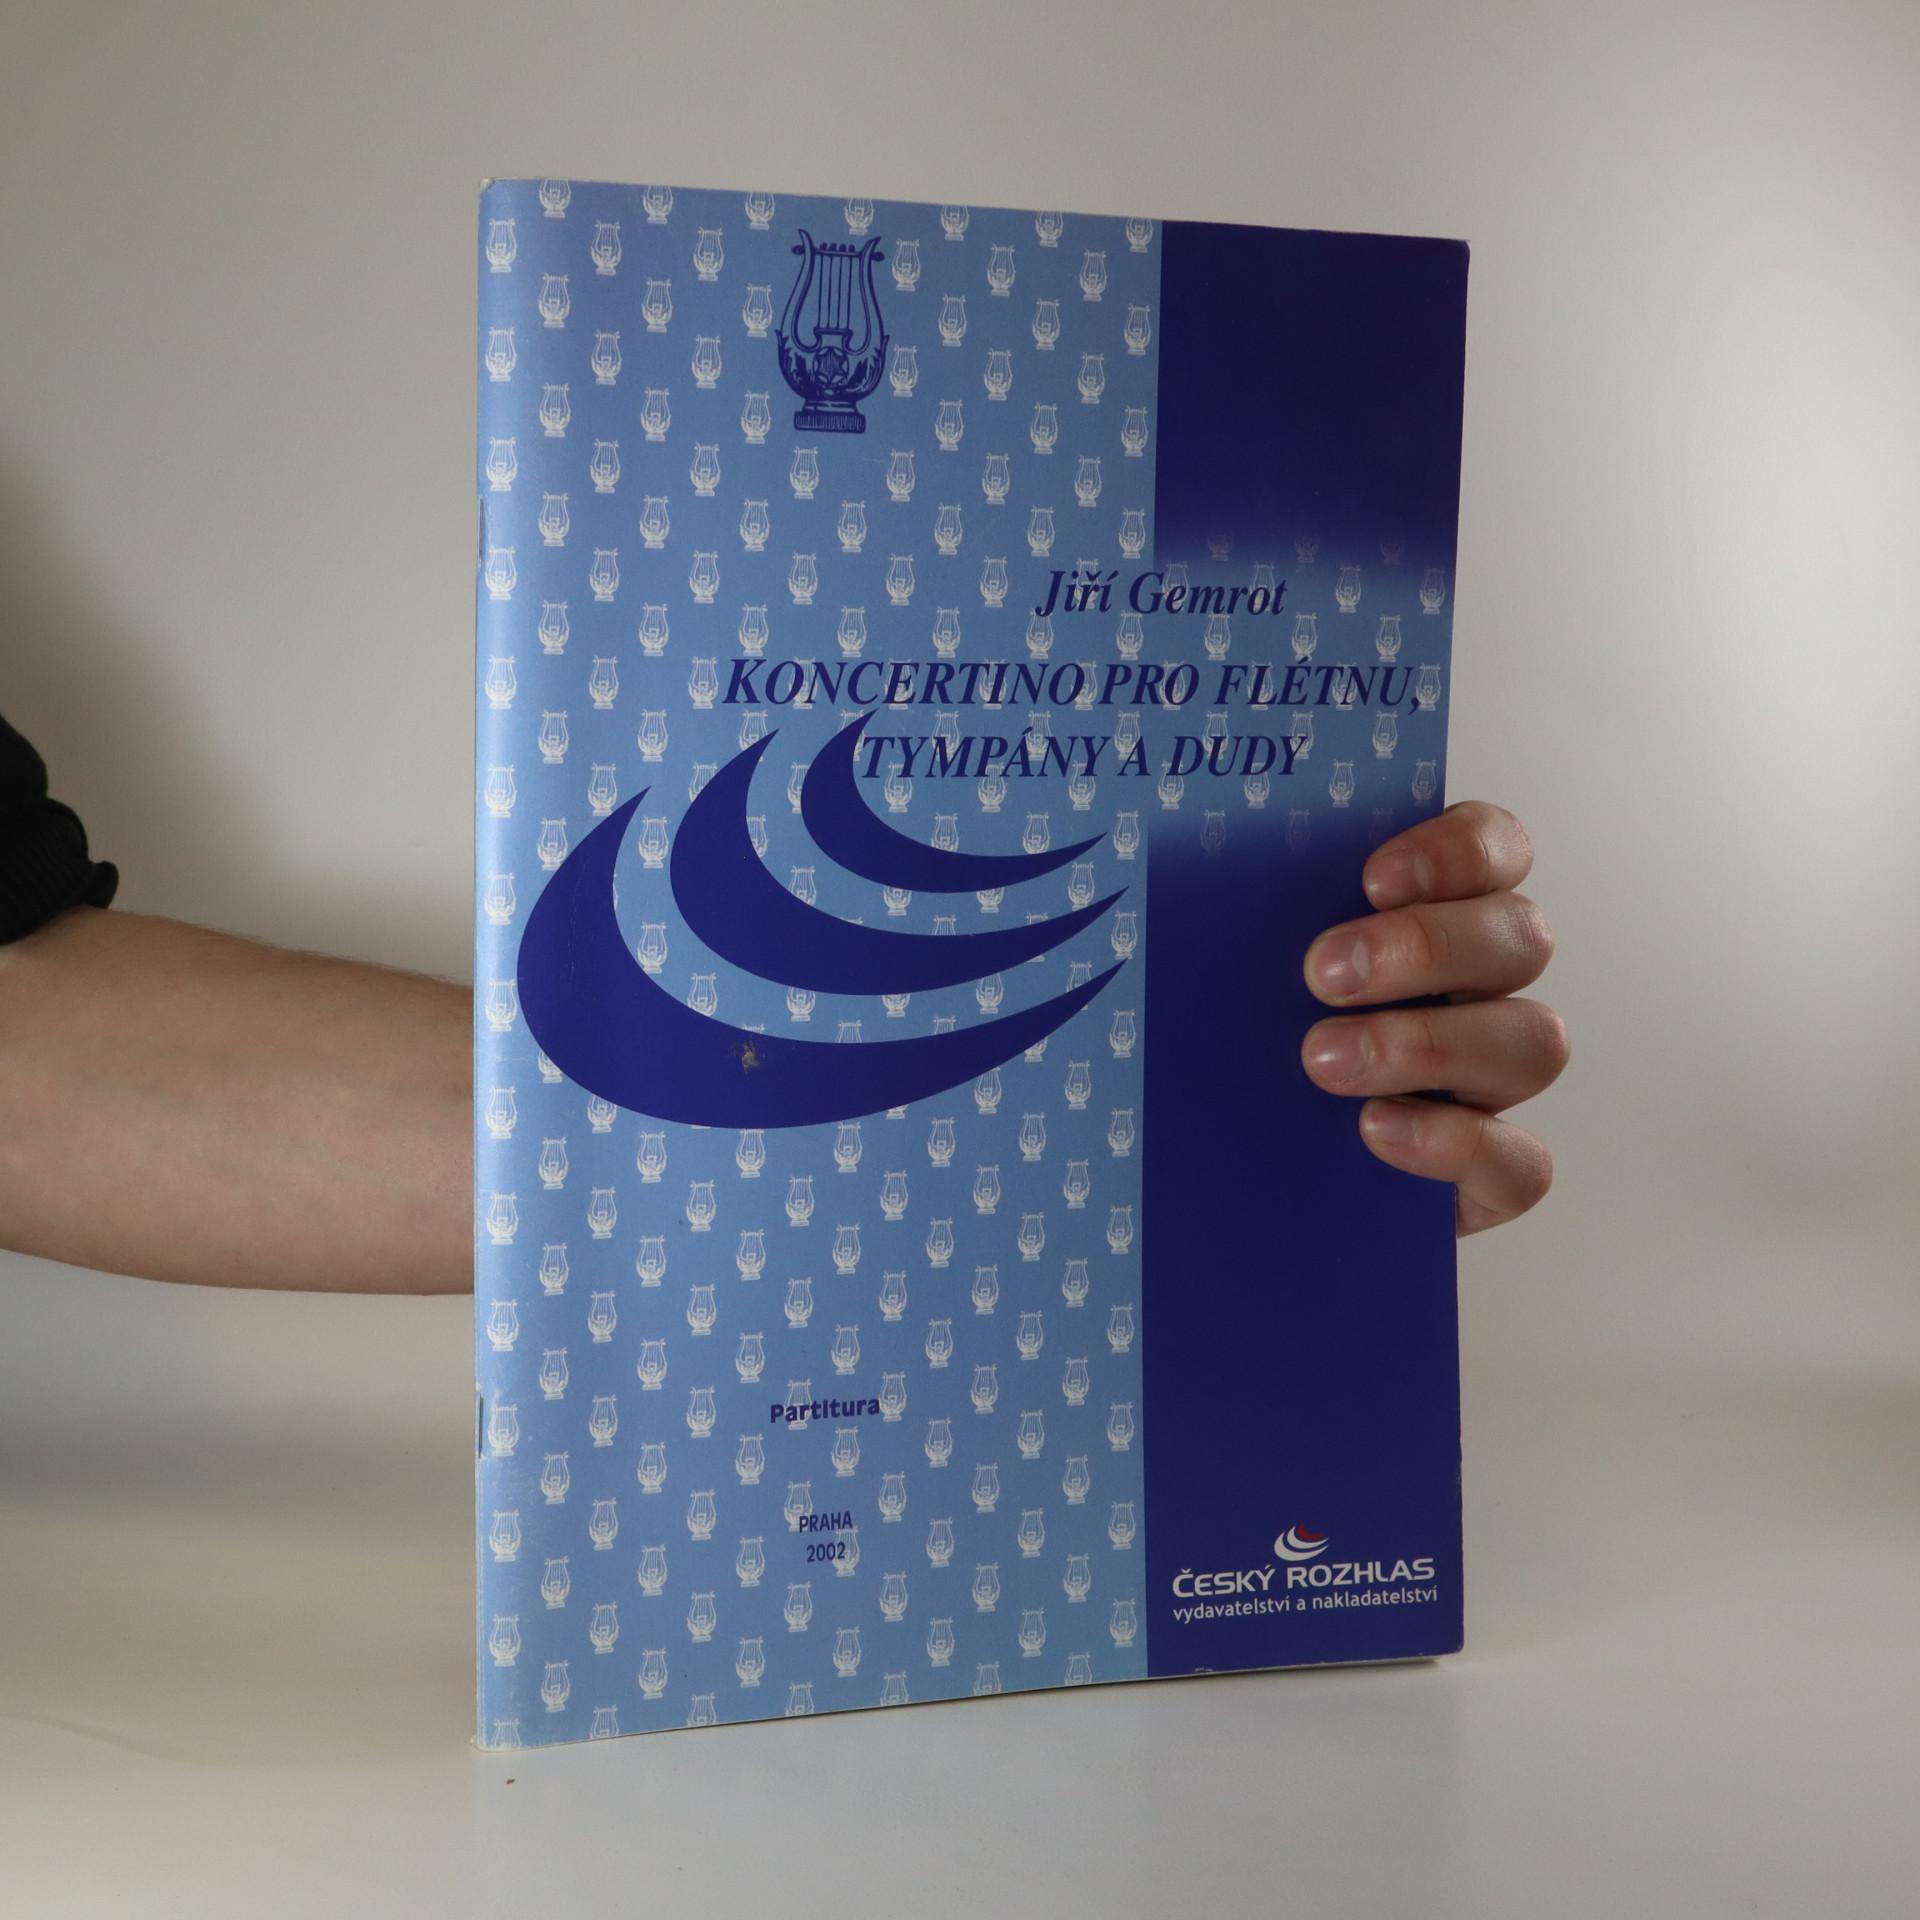 antikvární kniha Koncertino pro flétnu, tympány a dudy, 2002